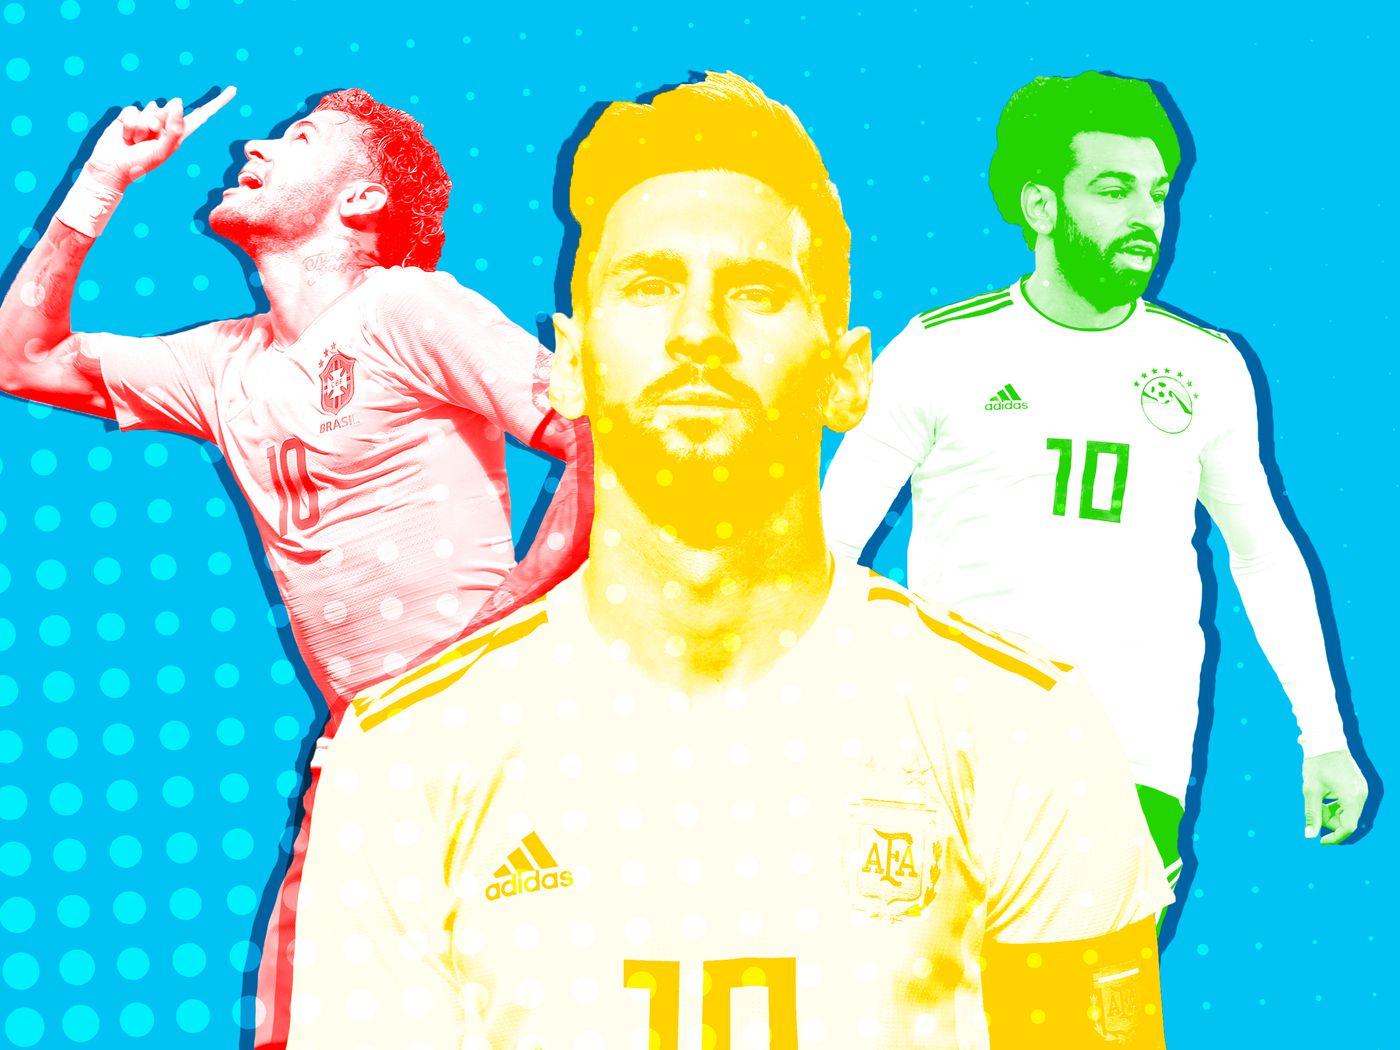 Messi 1f9ec9c10